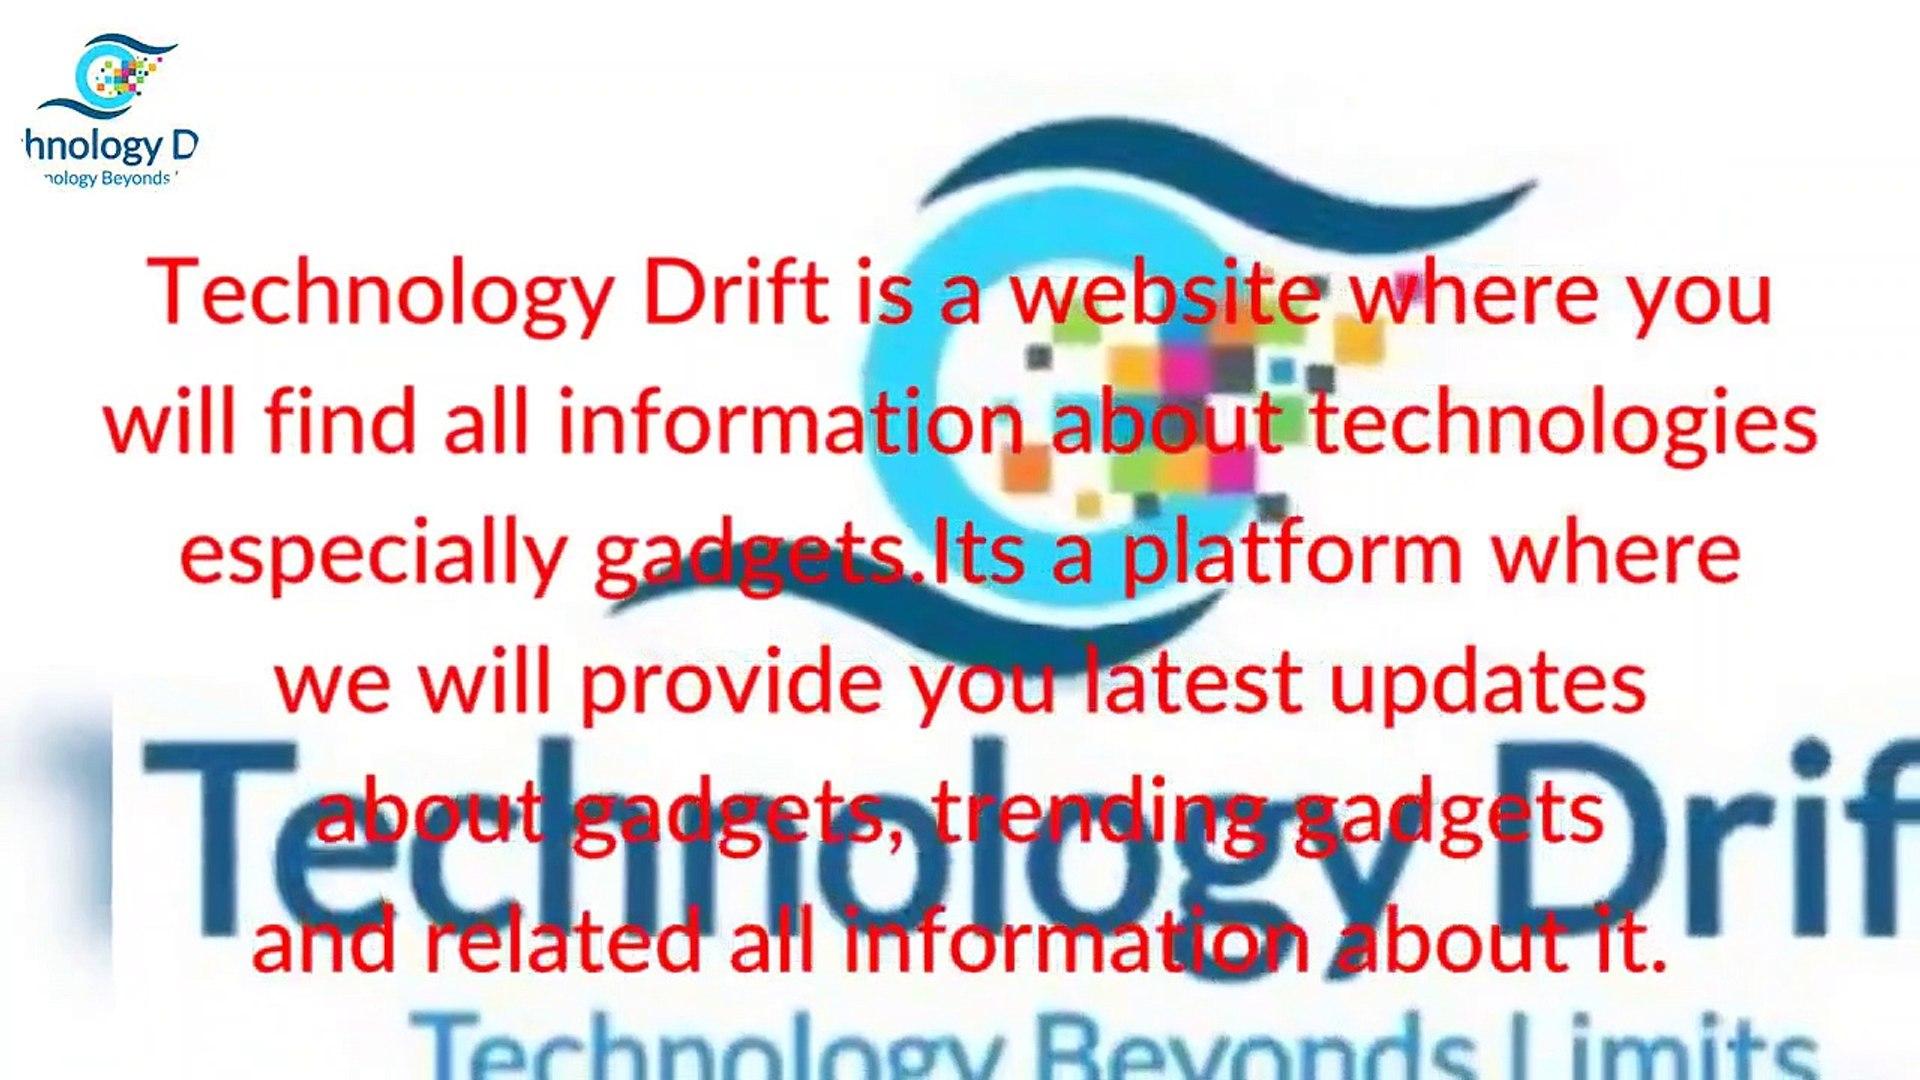 Technology Drift